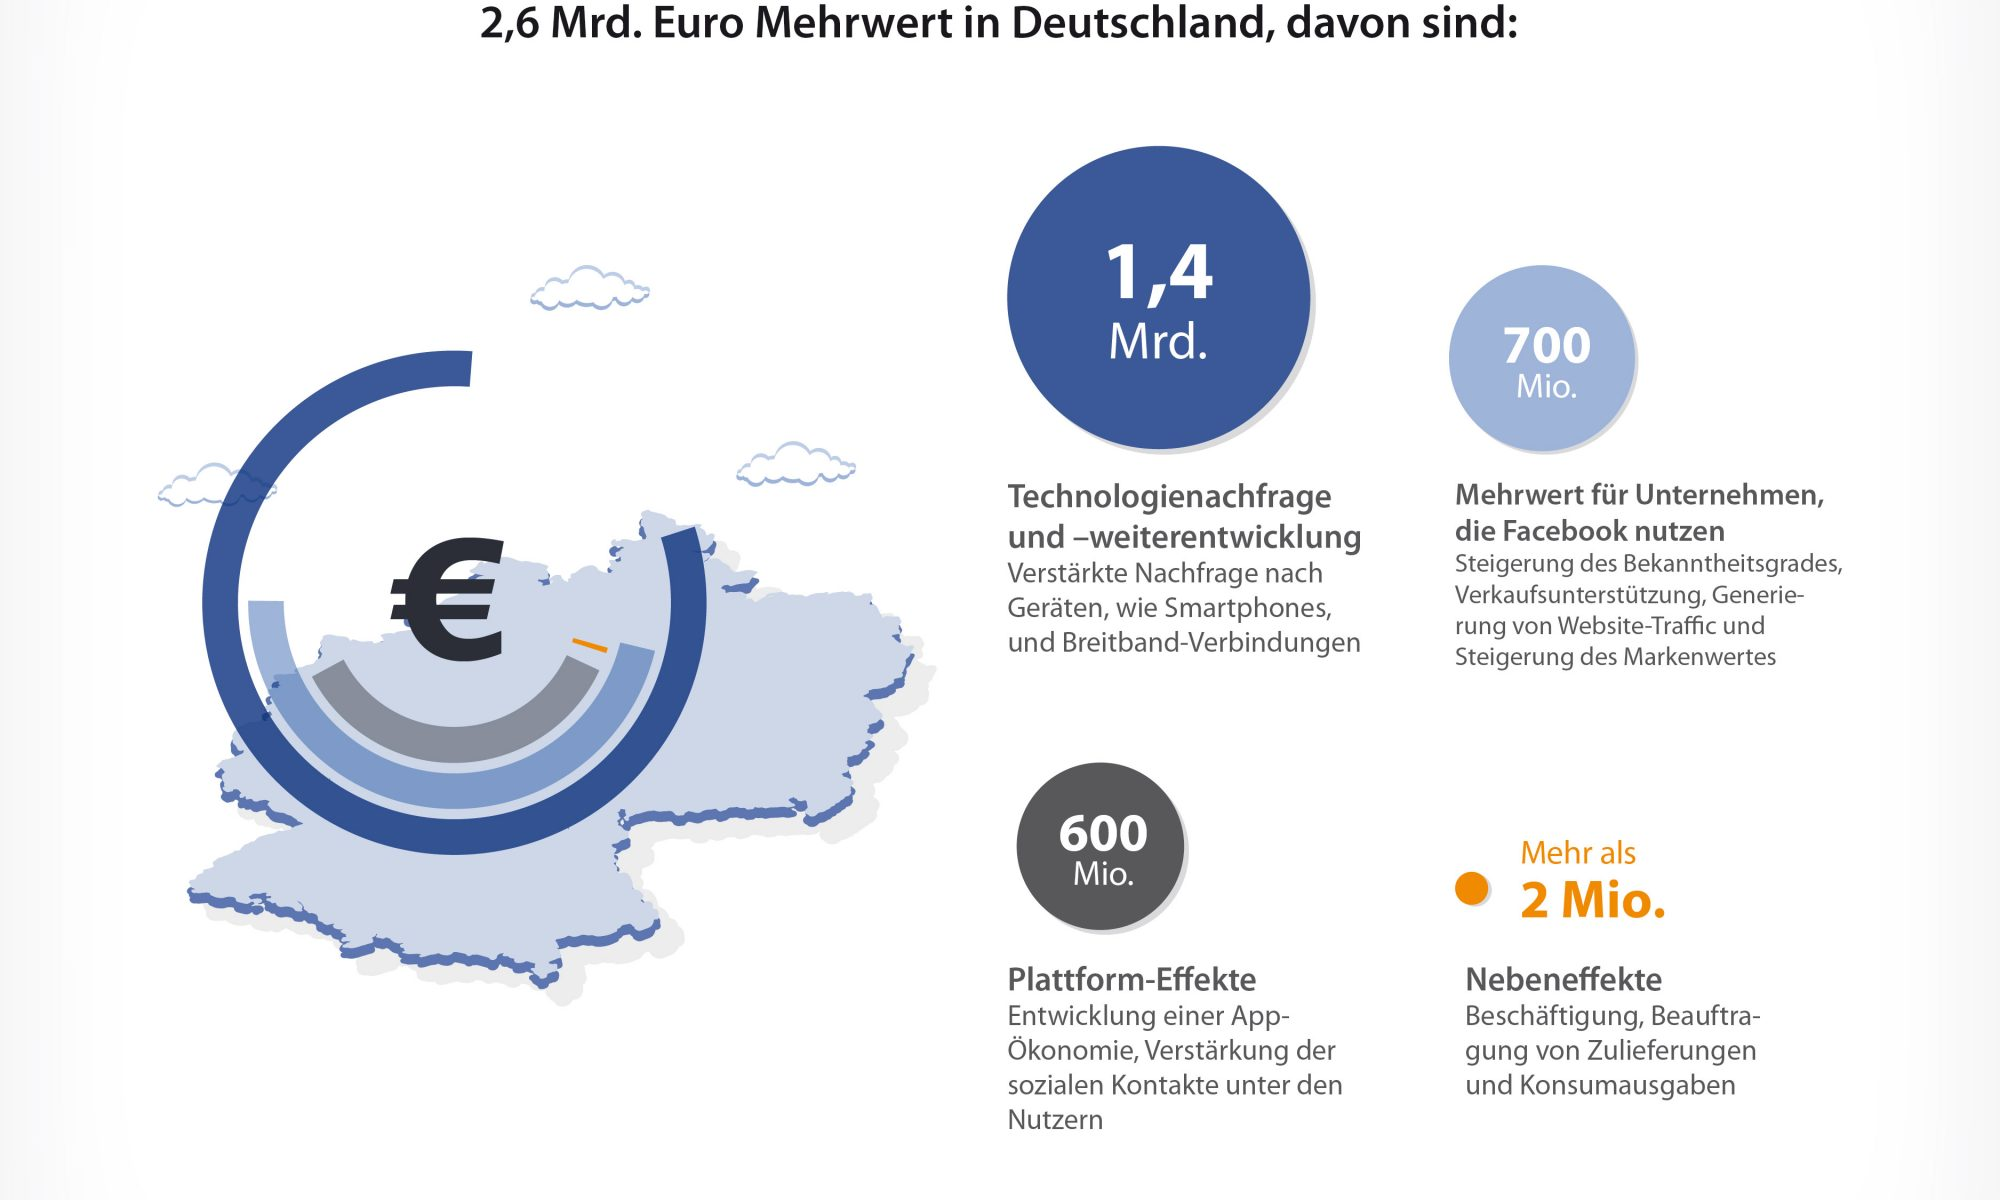 Die wirtschaftliche Wirkung von Facebook in Deutschland